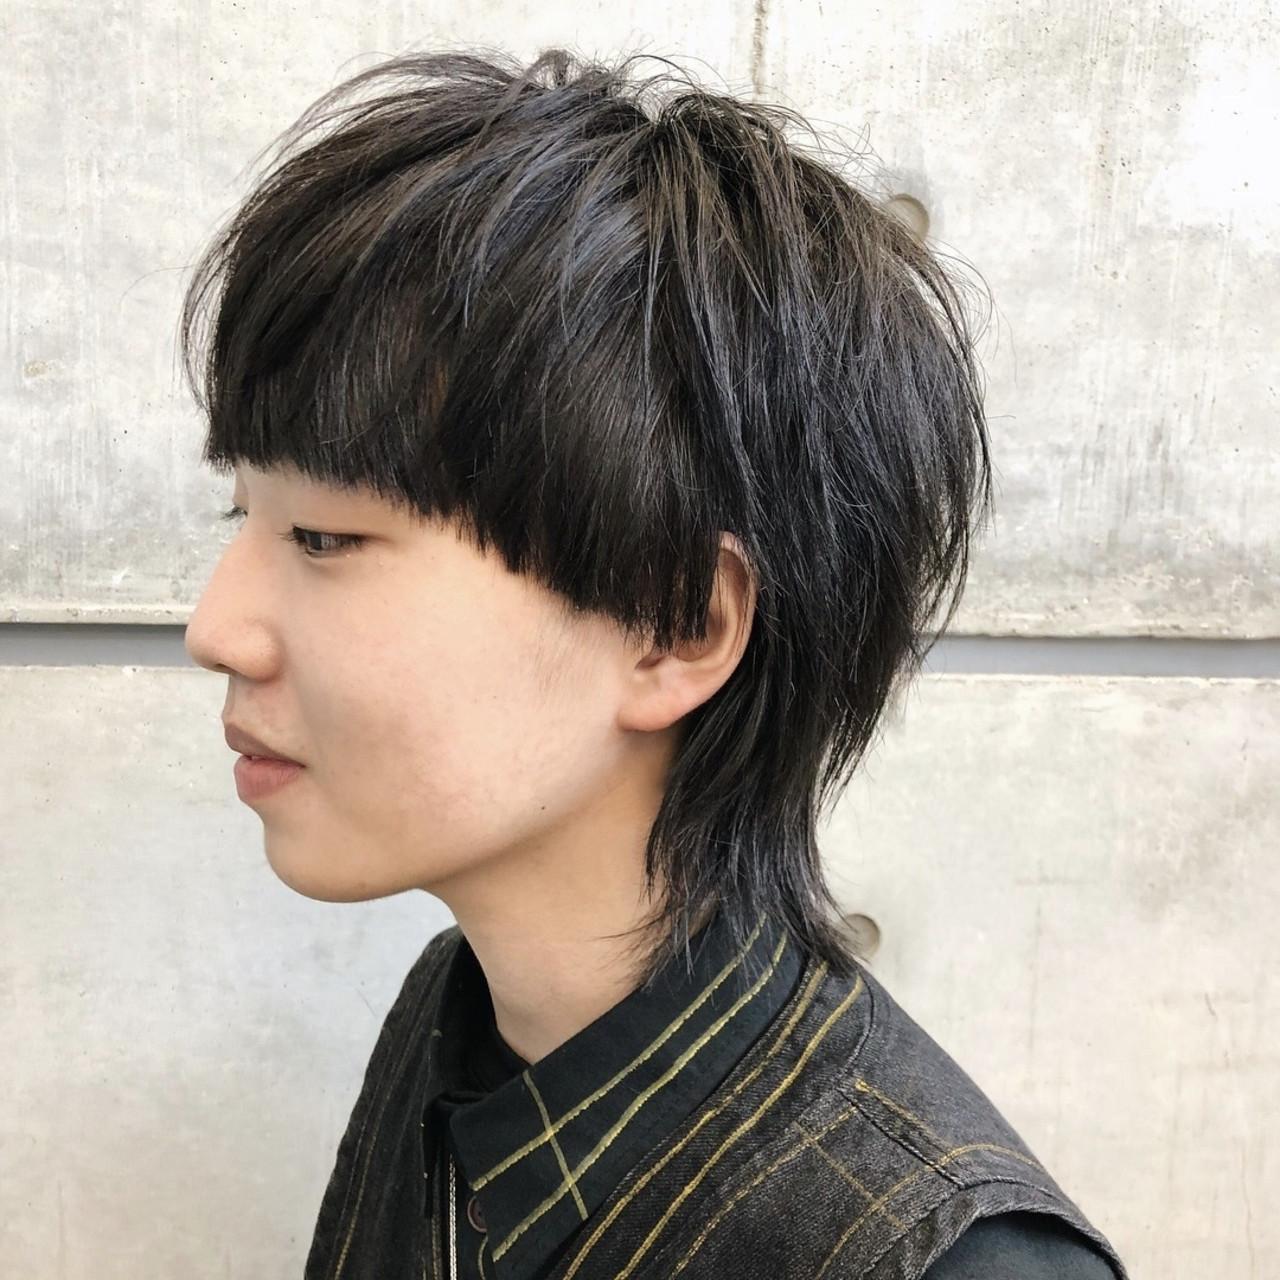 ショート ウルフカット メンズヘア ナチュラル ヘアスタイルや髪型の写真・画像